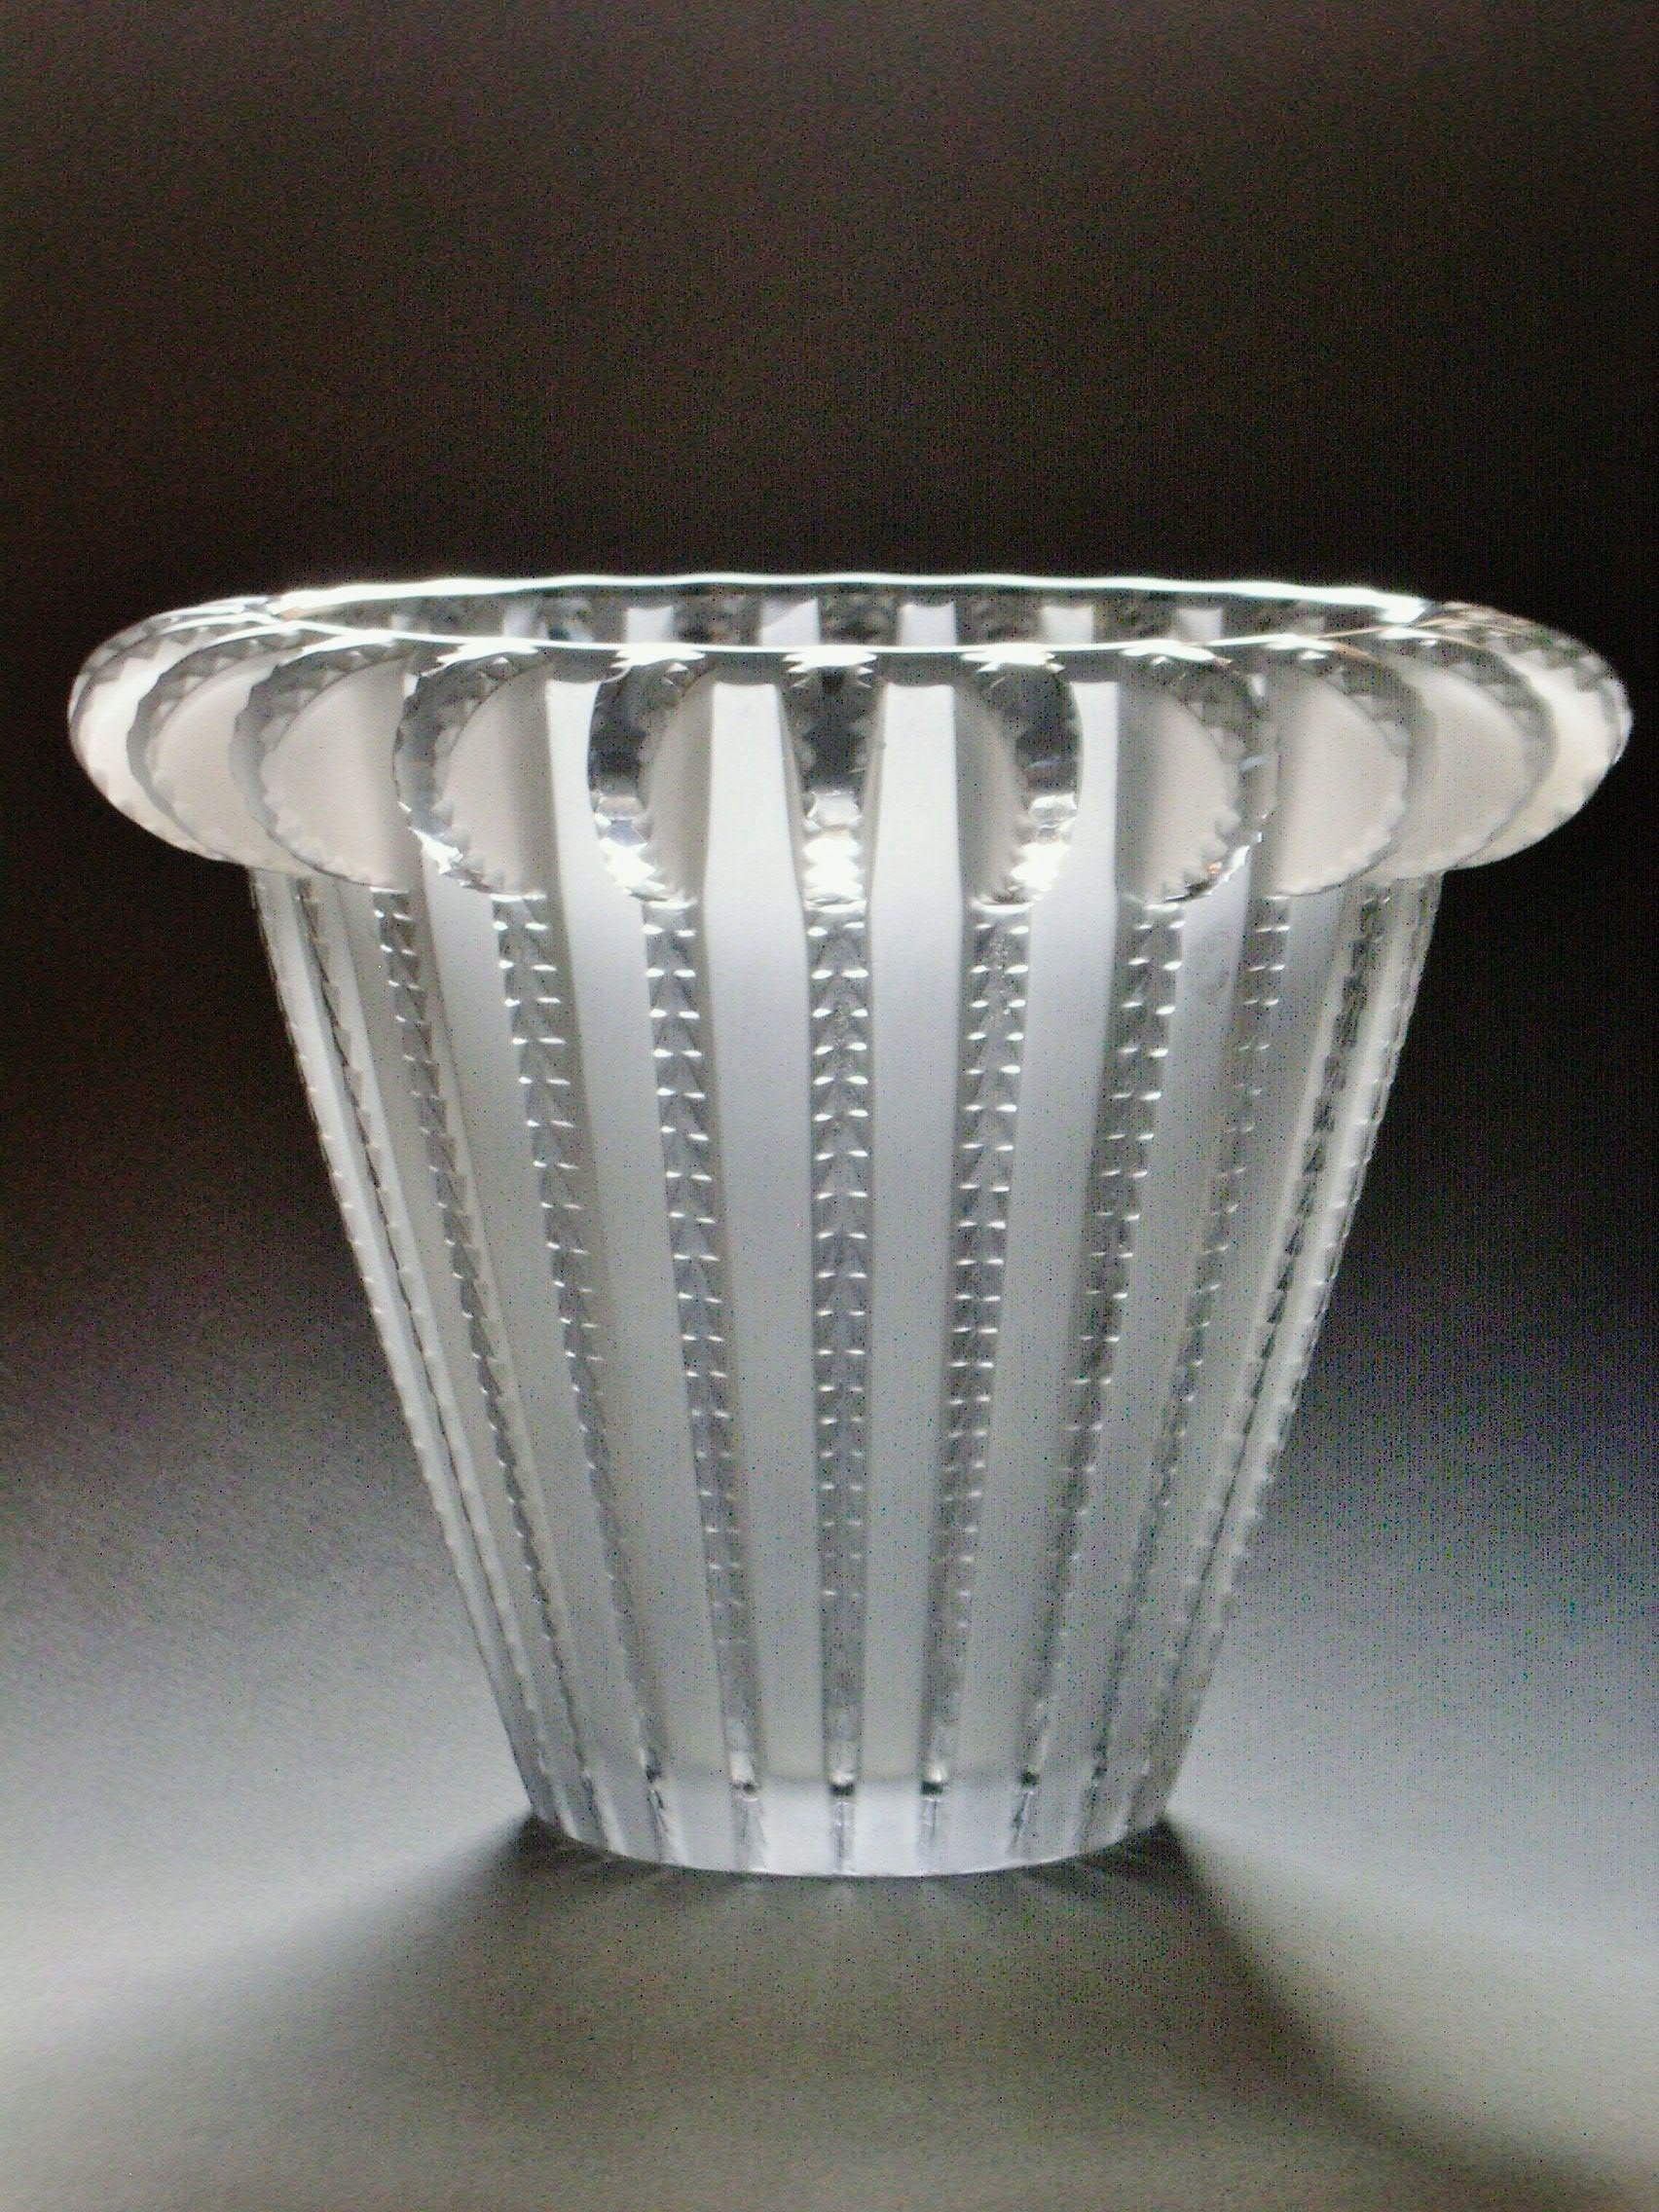 lalique dove vase of vase royat rene lalique art glass pinterest in vase royat rene lalique